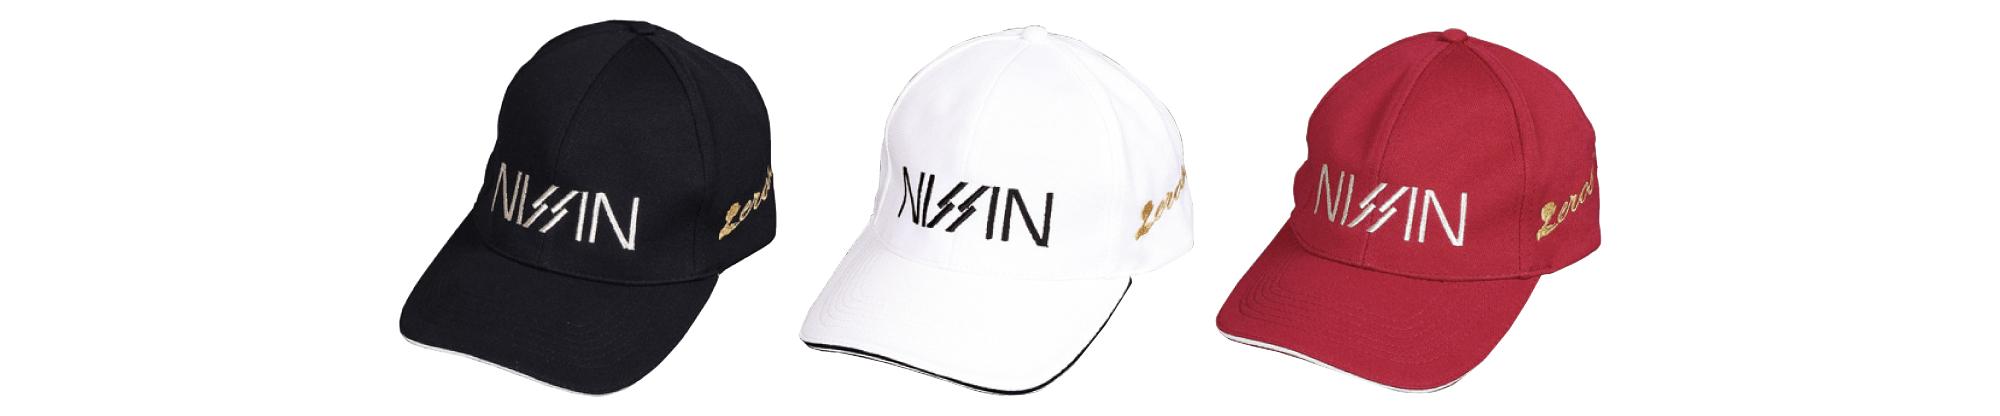 NISSINドライキャップ